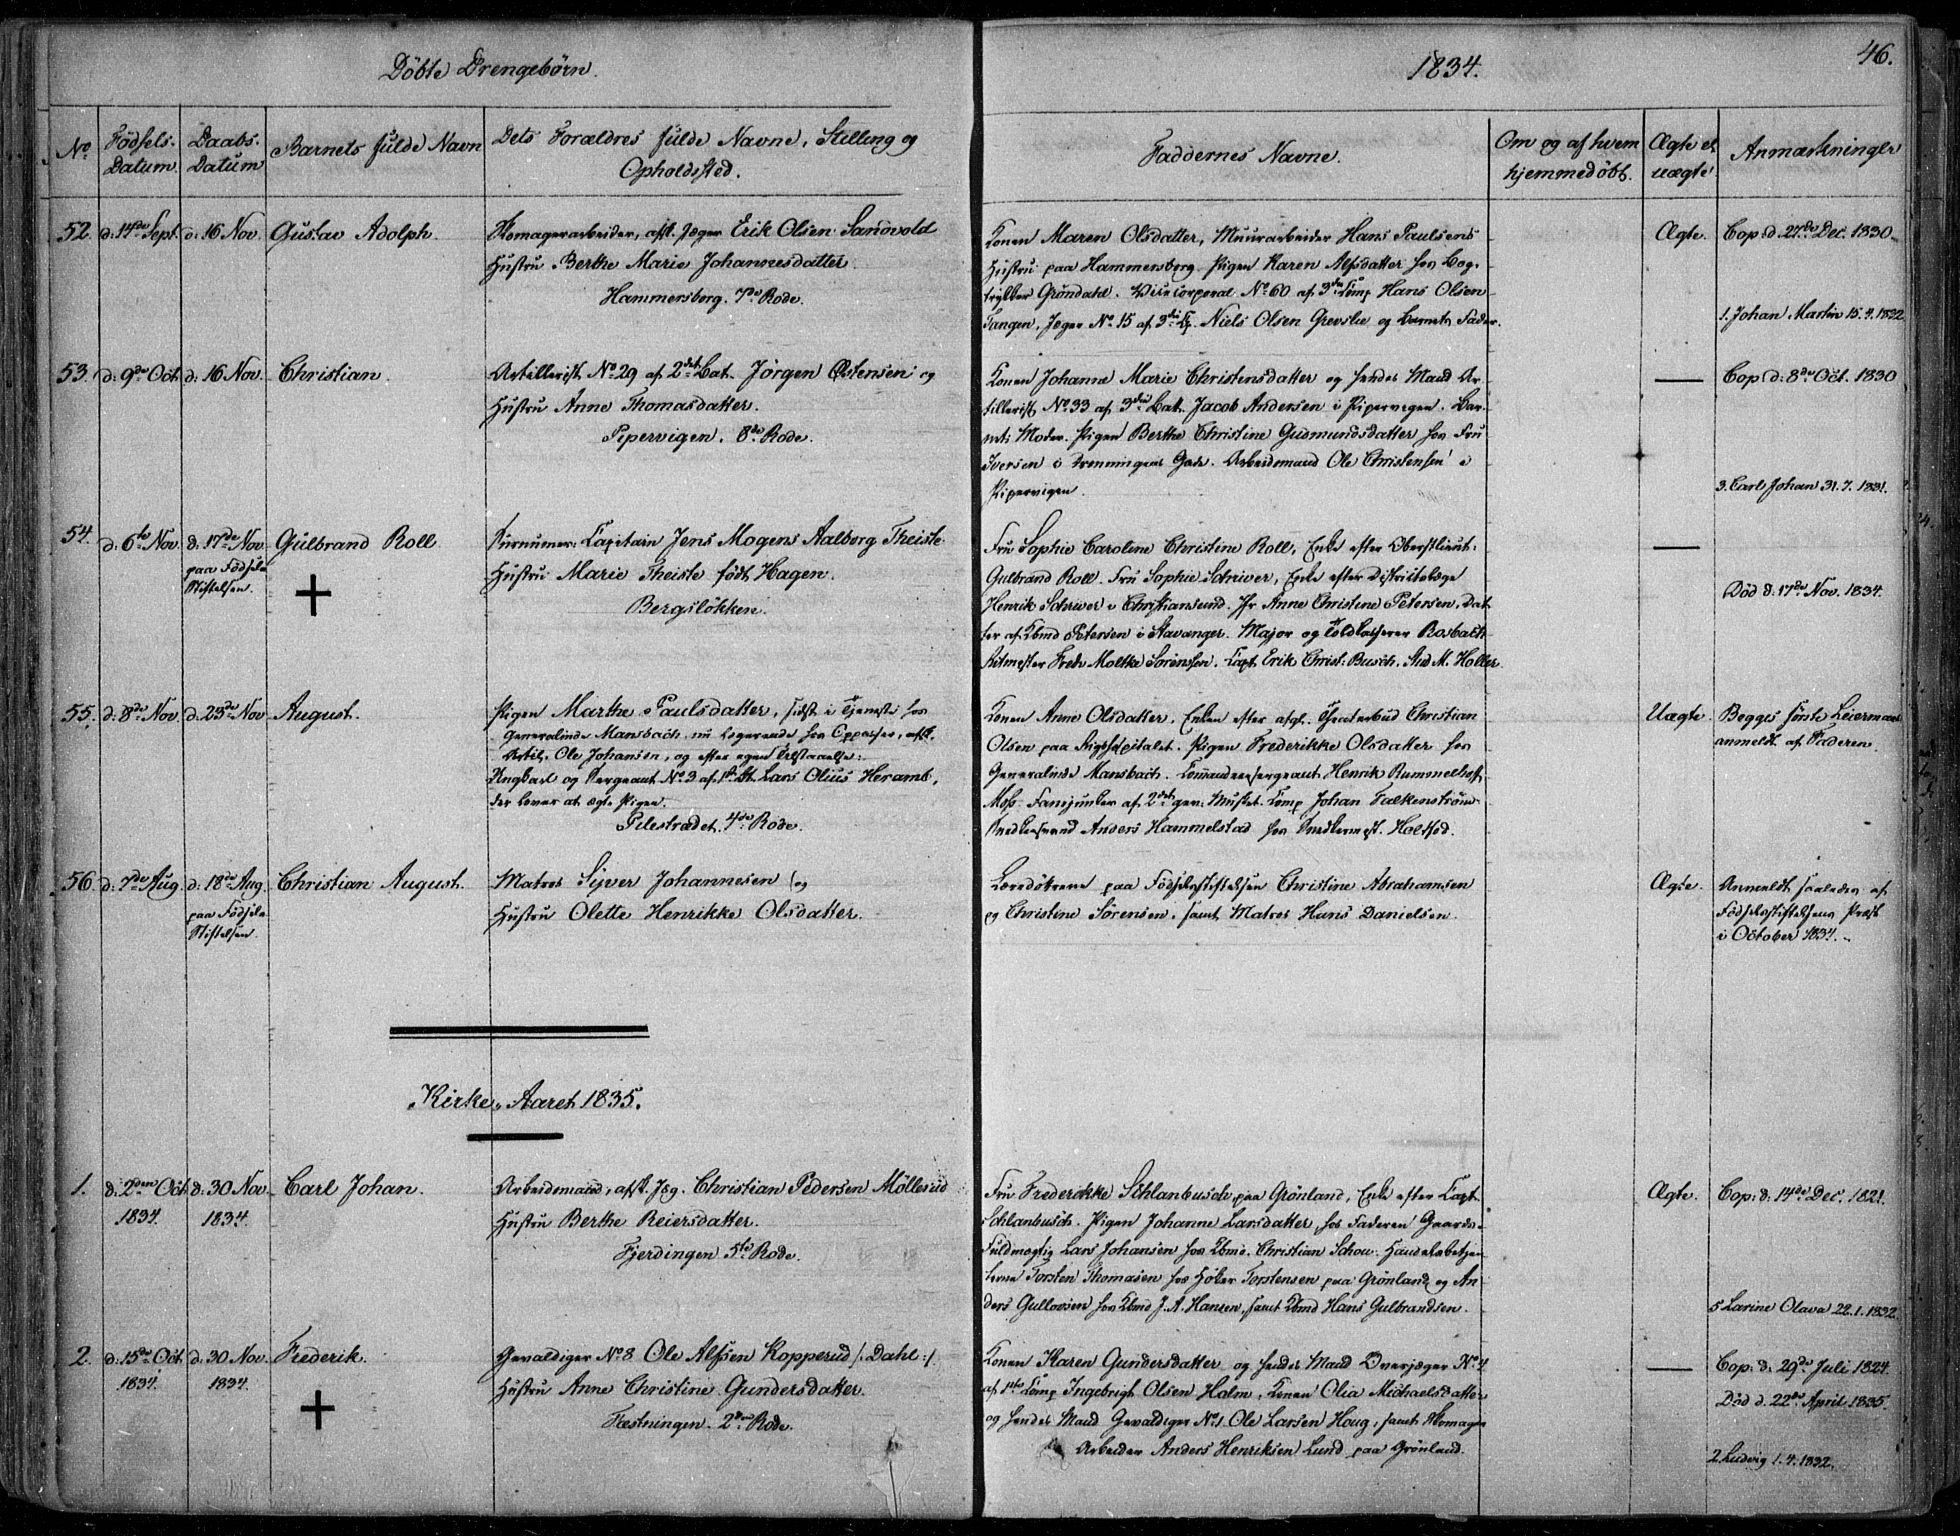 SAO, Garnisonsmenigheten Kirkebøker, F/Fa/L0006: Ministerialbok nr. 6, 1828-1841, s. 46